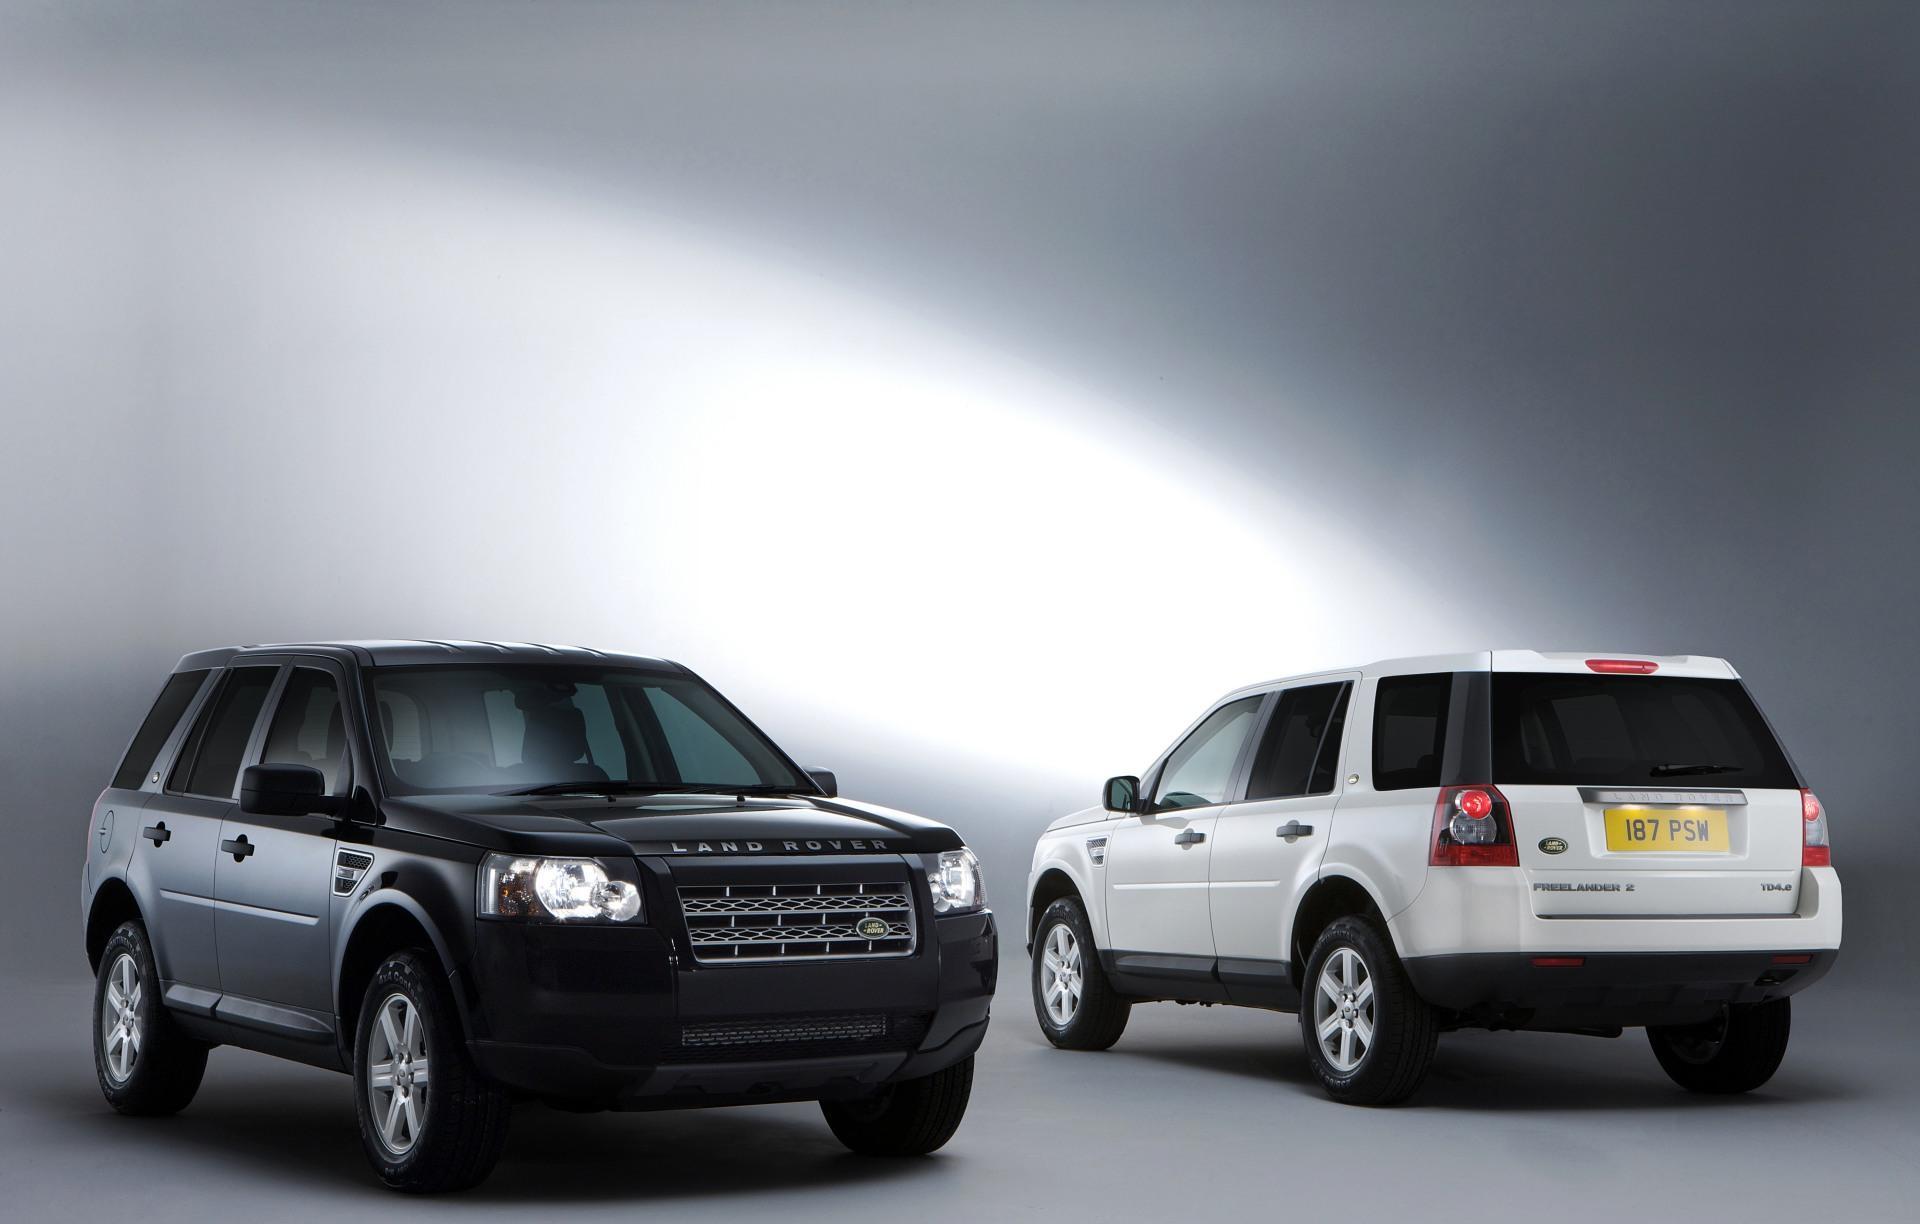 2010 Land Rover Freelander 2 White & Black Edition conceptcarz